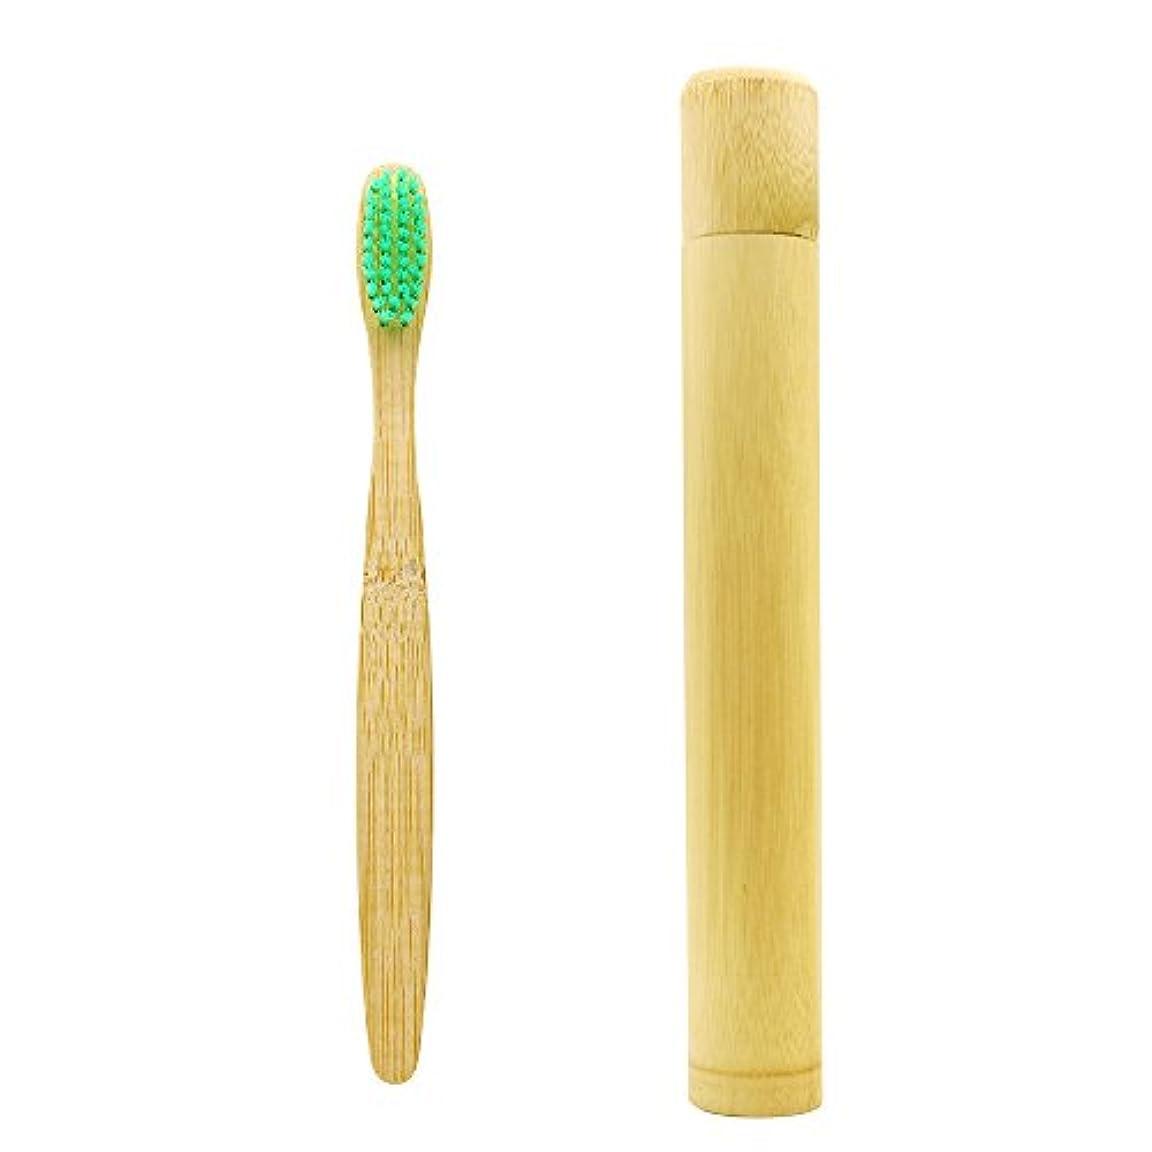 レイプ試みる適性N-amboo 歯ブラシ ケース付き 竹製 高耐久性 出張旅行携帯便利 エコ